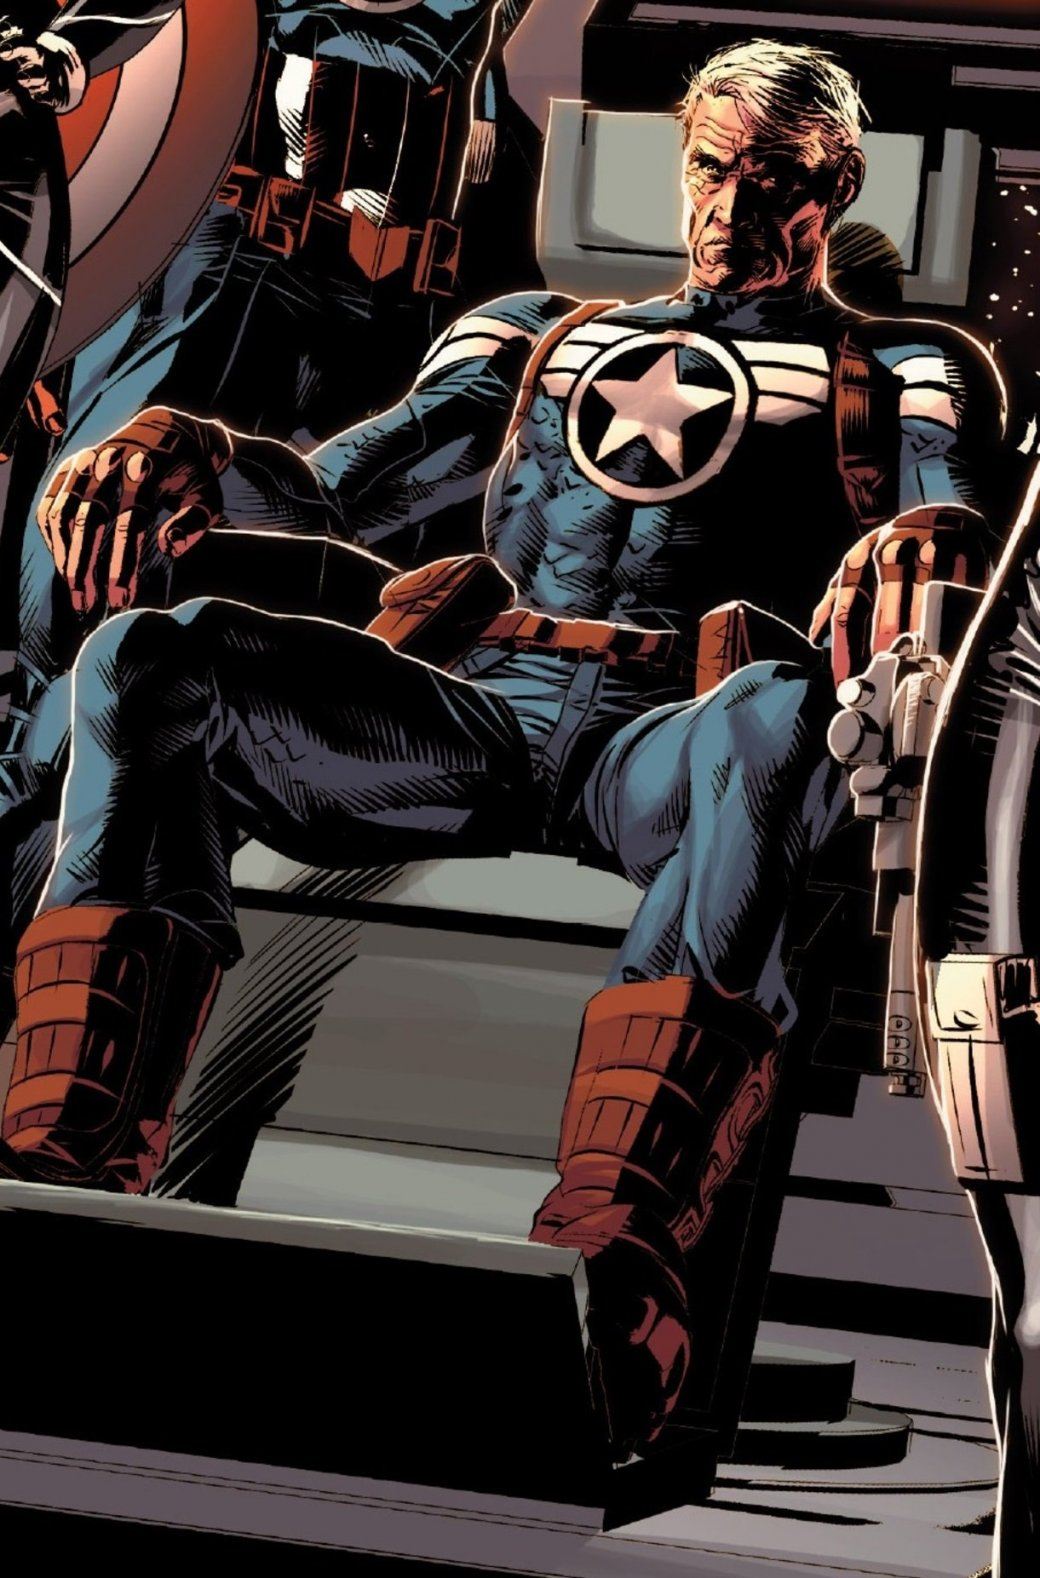 Как Капитан Америка предал все ради власти над Гидрой ивсем миром - Изображение 2